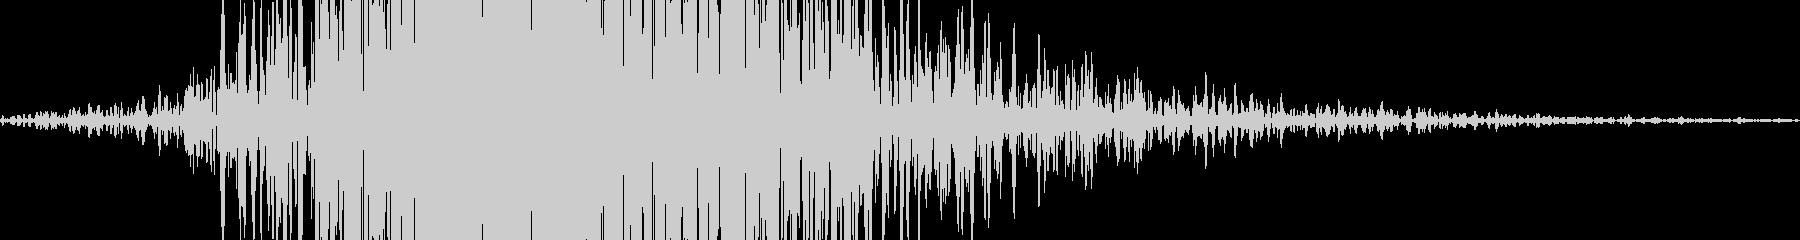 風切り音 スイング音  (低め)_05の未再生の波形